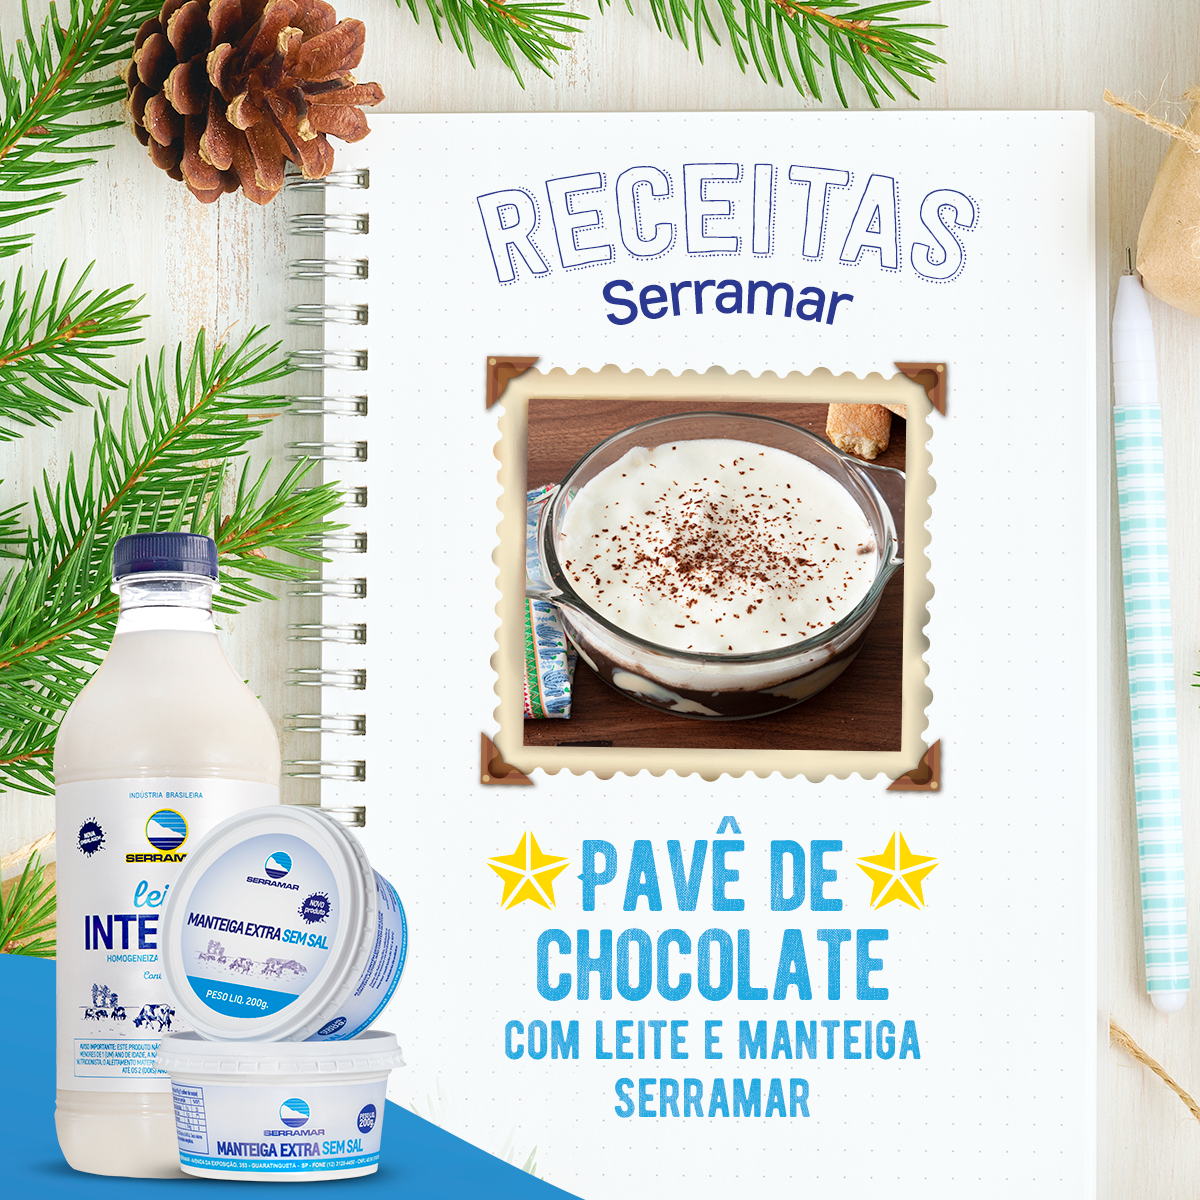 PAVÊ DE CHOCOLATE COM LEITE SERRAMAR